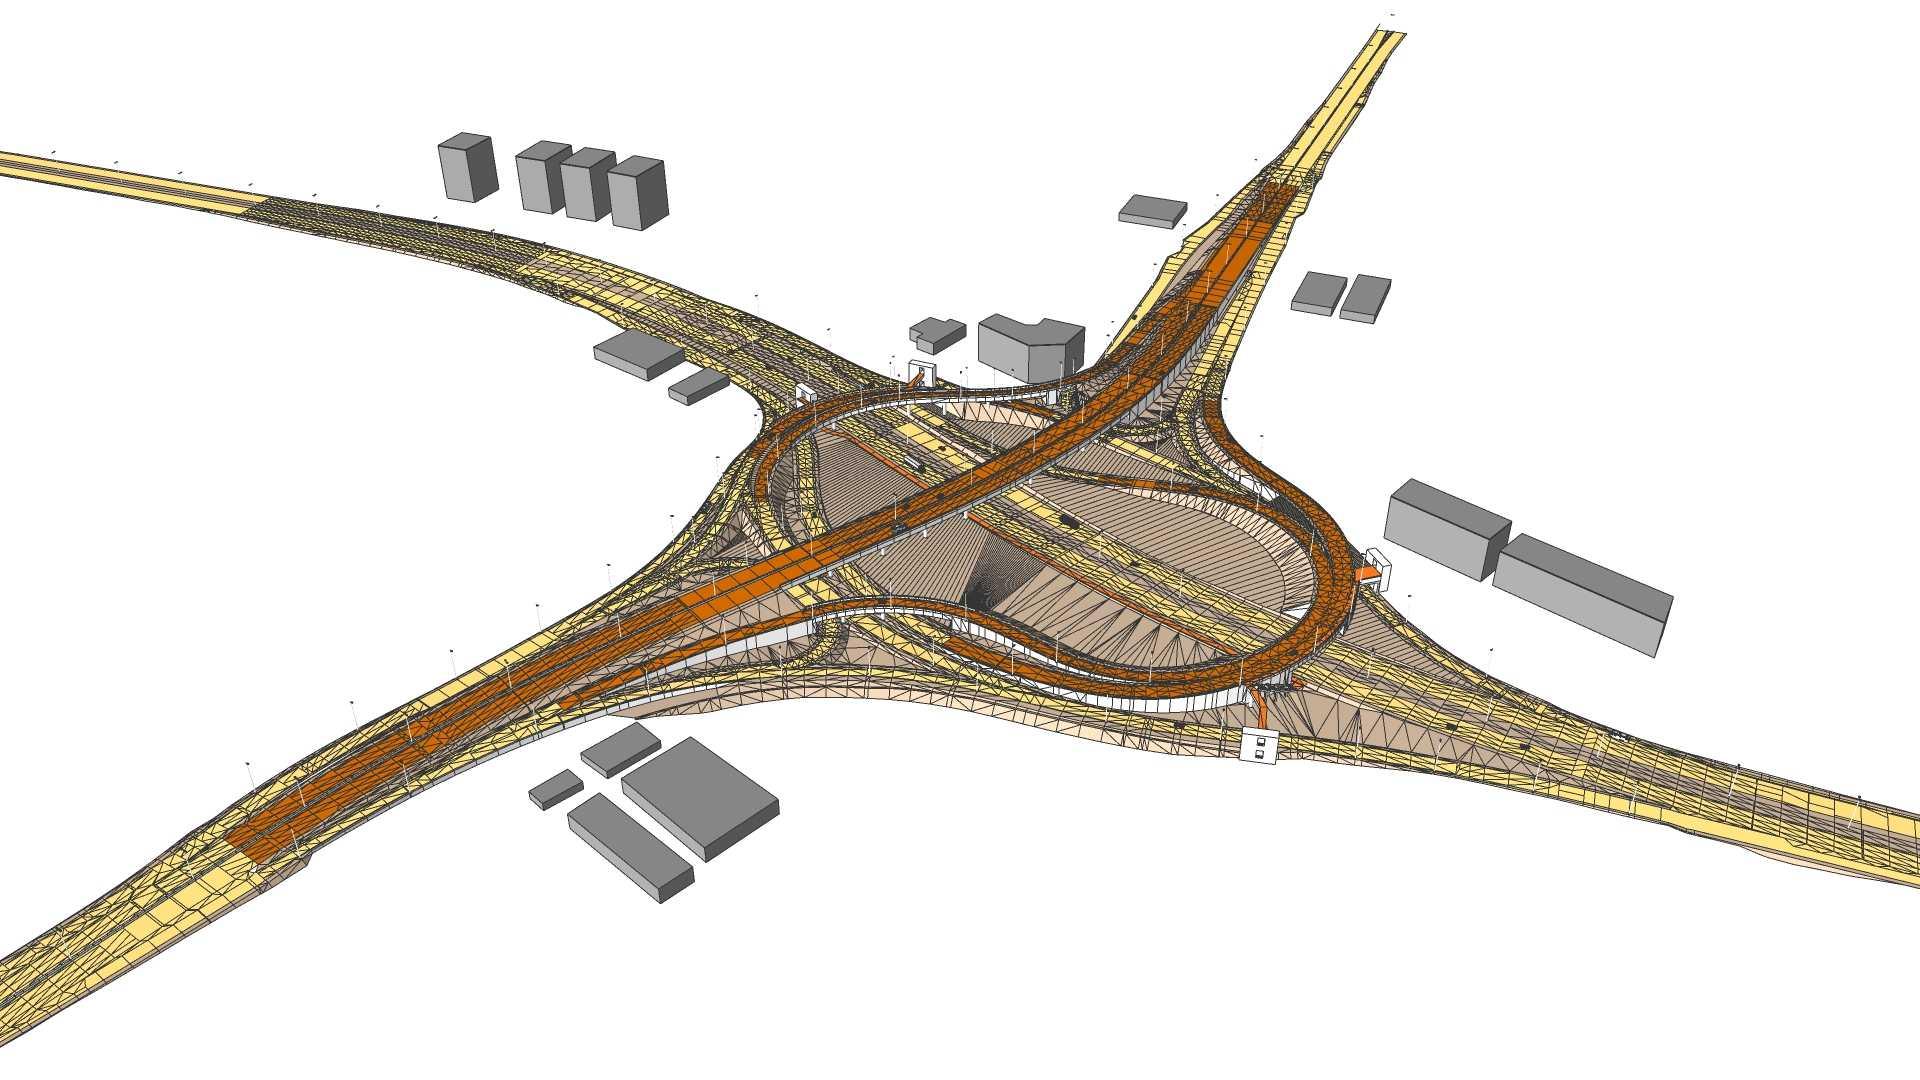 Progettazione 3D Al Quwain E-farm Ingegneria Padova